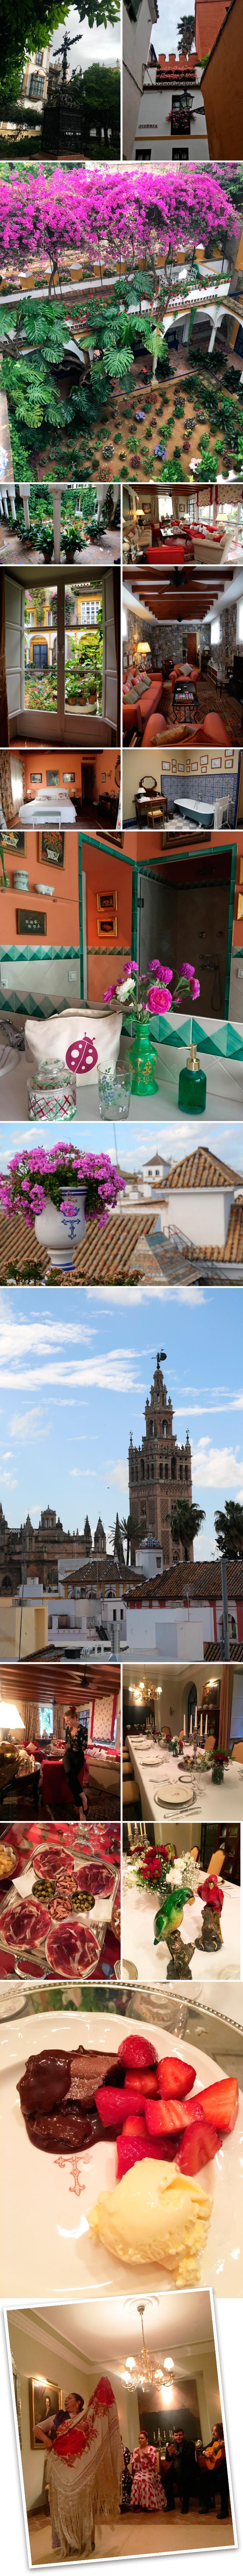 La aventura continúo ya en Sevilla…El lugar que elegí para el alojamiento es, para mí, uno de los más exclusivos de la ciudad. Se trata de la Casa de la Calle Agua que está ubicada en el barrio de la judería, en pleno centro, y bajo mi punto de vista es donde se puede respirar y admirar la belleza de Sevilla en su plena esencia.